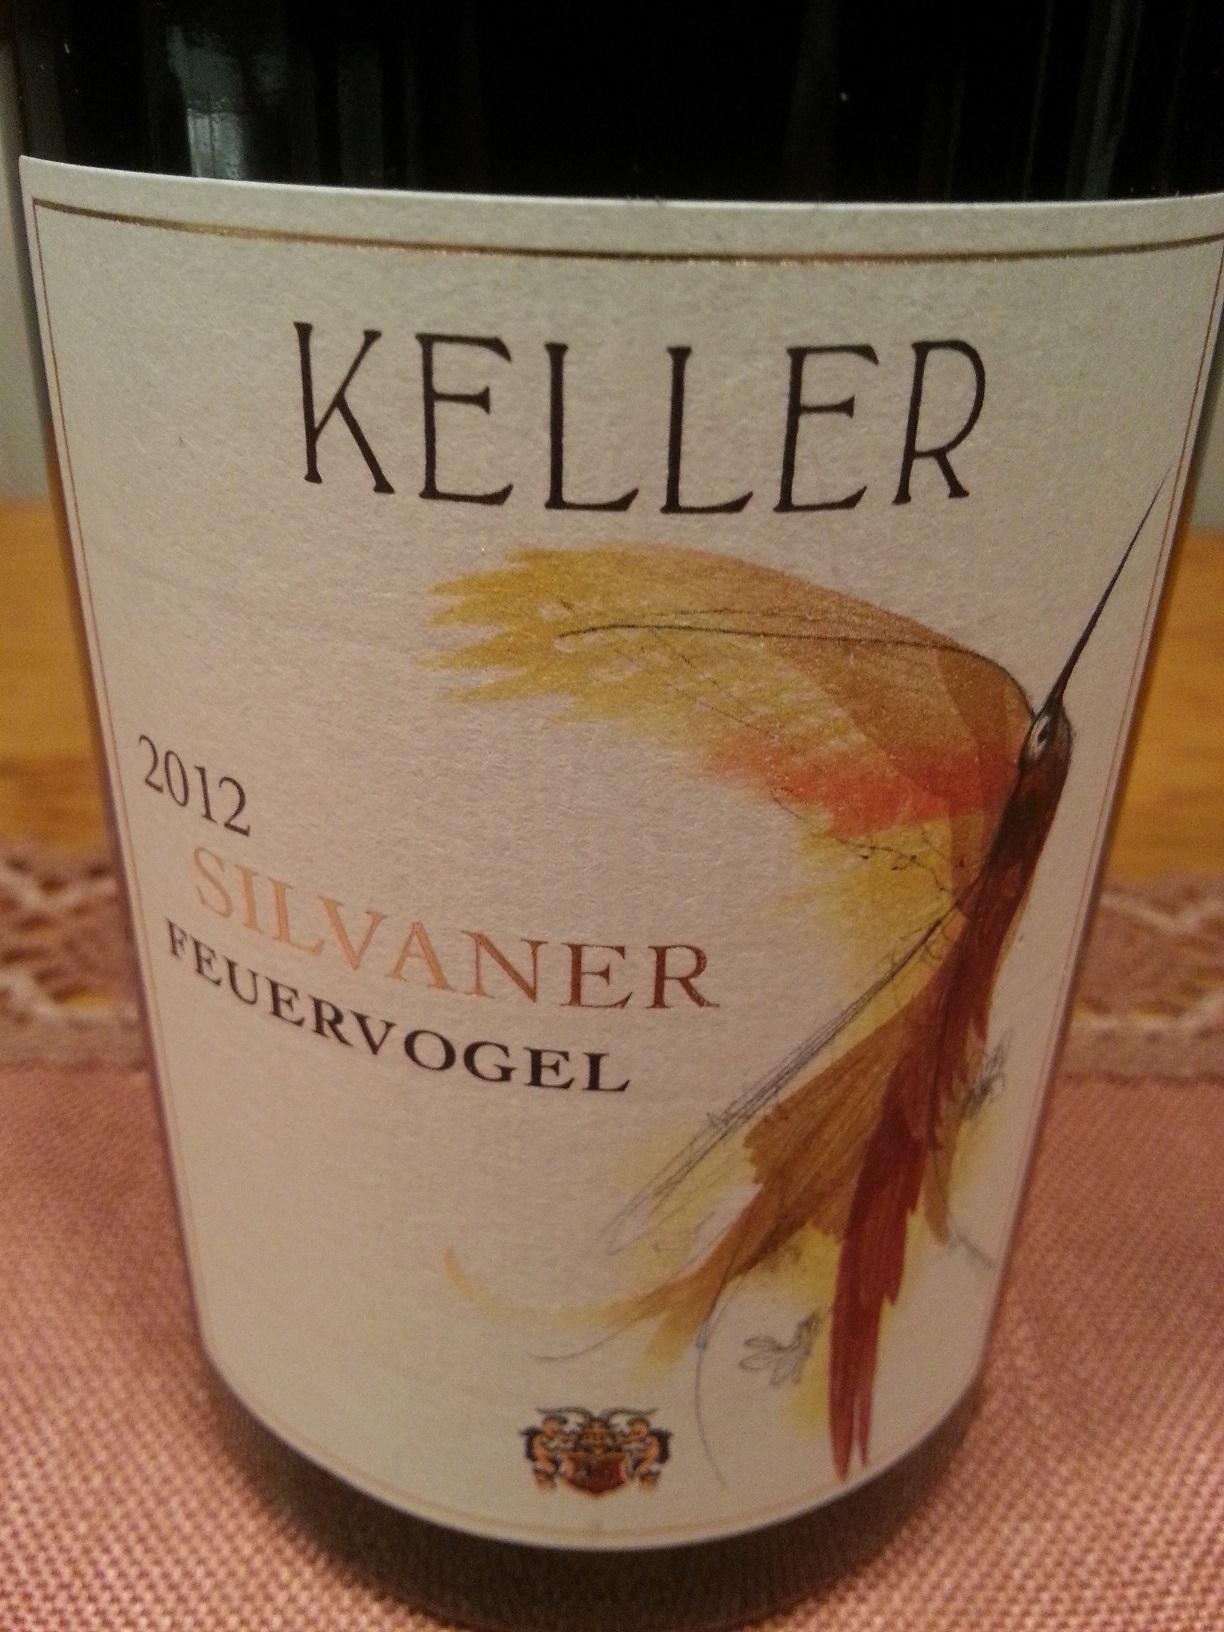 2012 Silvaner Feuervogel | Keller